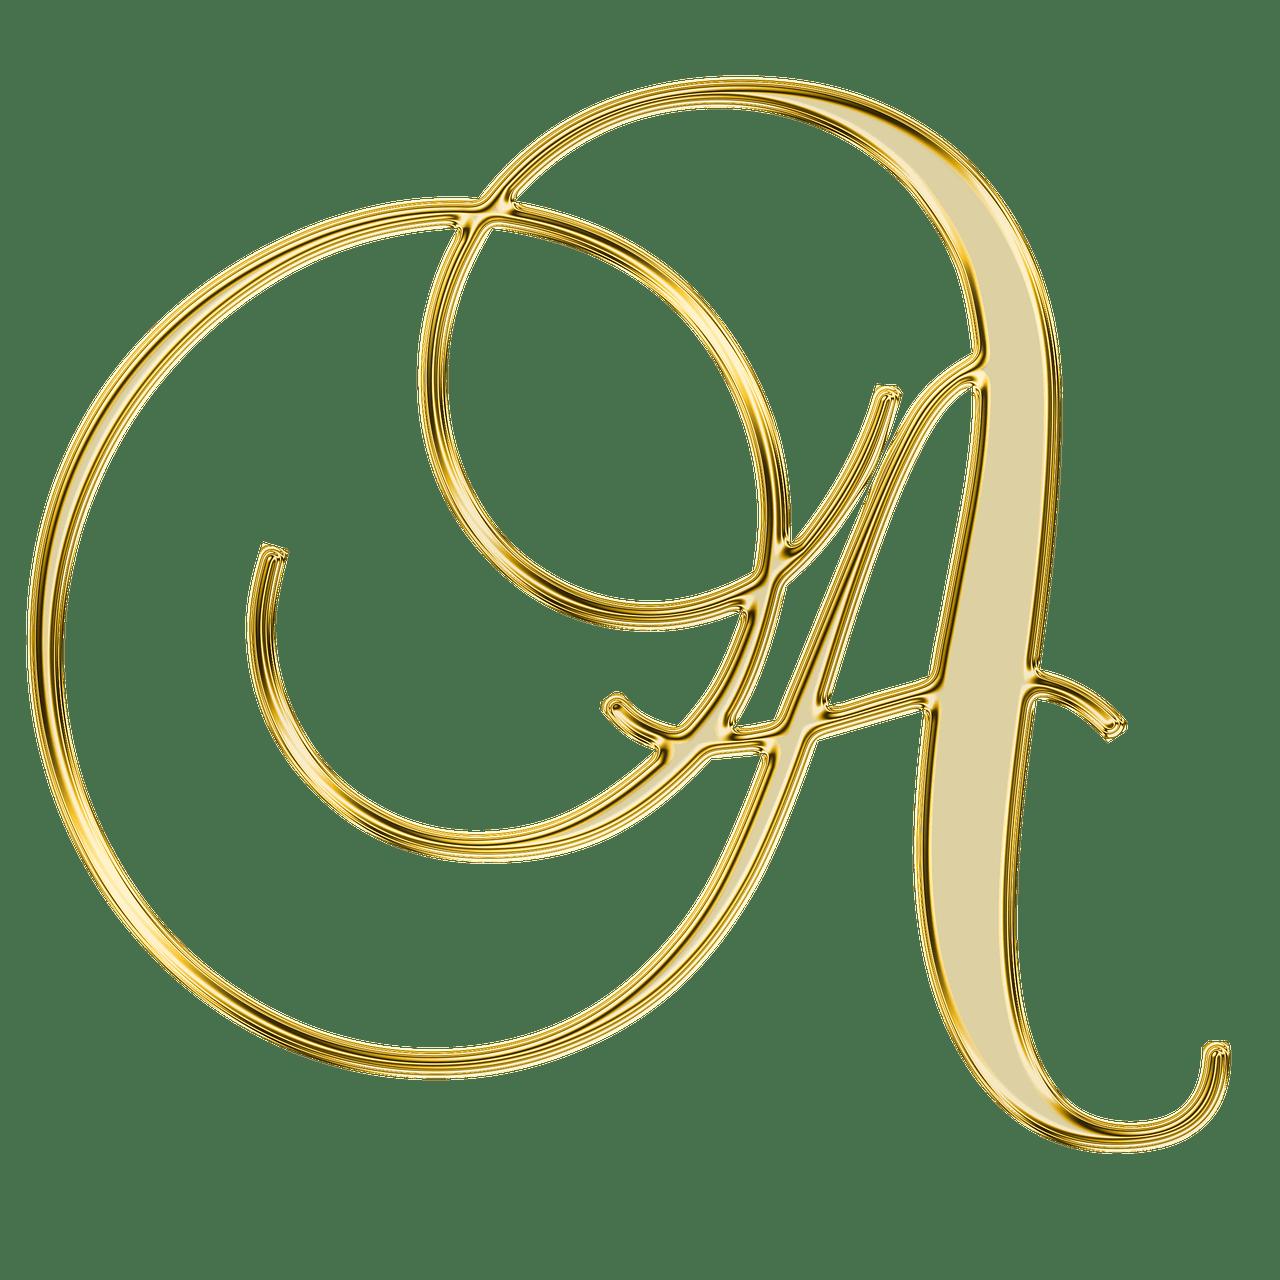 Alphabet transparent png images stickpng capital letter a elegant altavistaventures Gallery